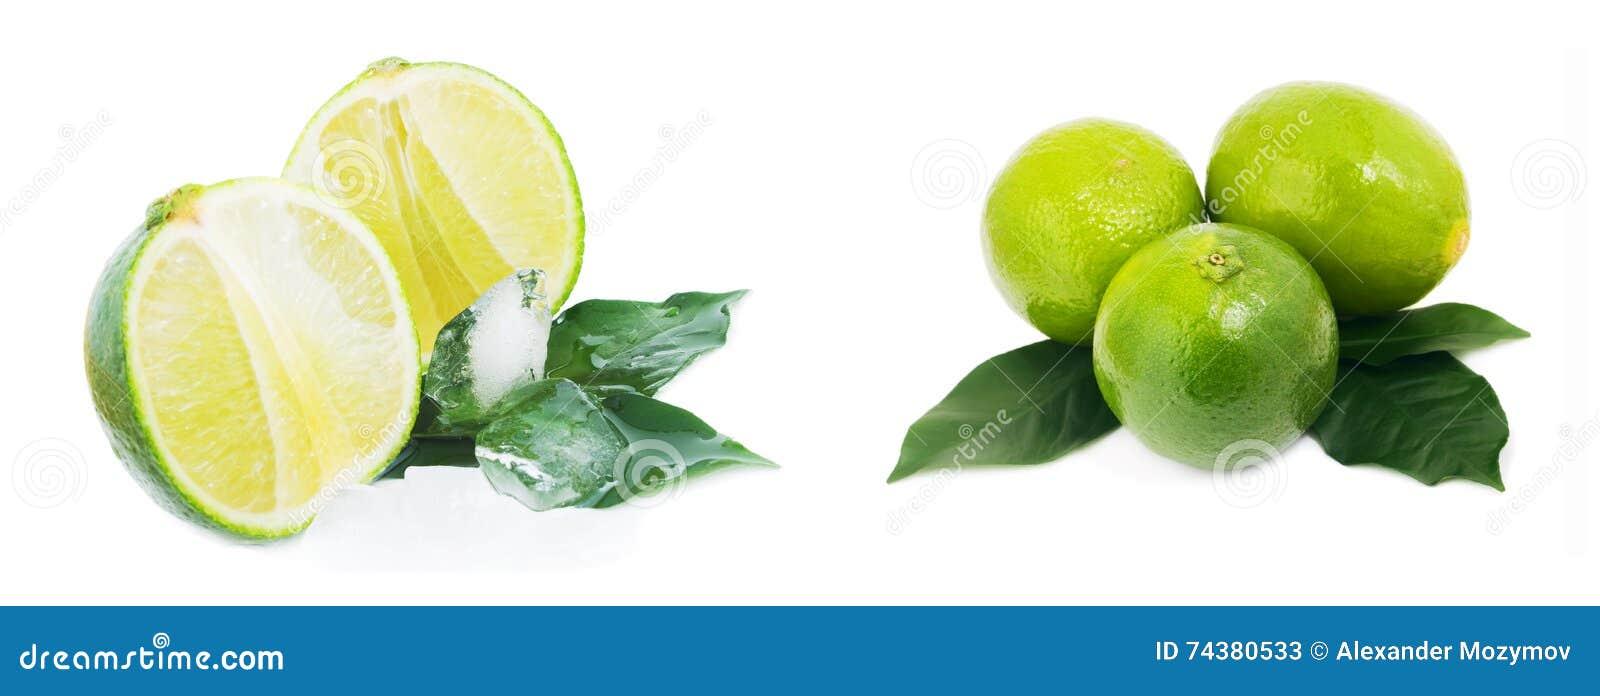 Зрелый плодоовощ при листья и лед известки изолированные на белой предпосылке